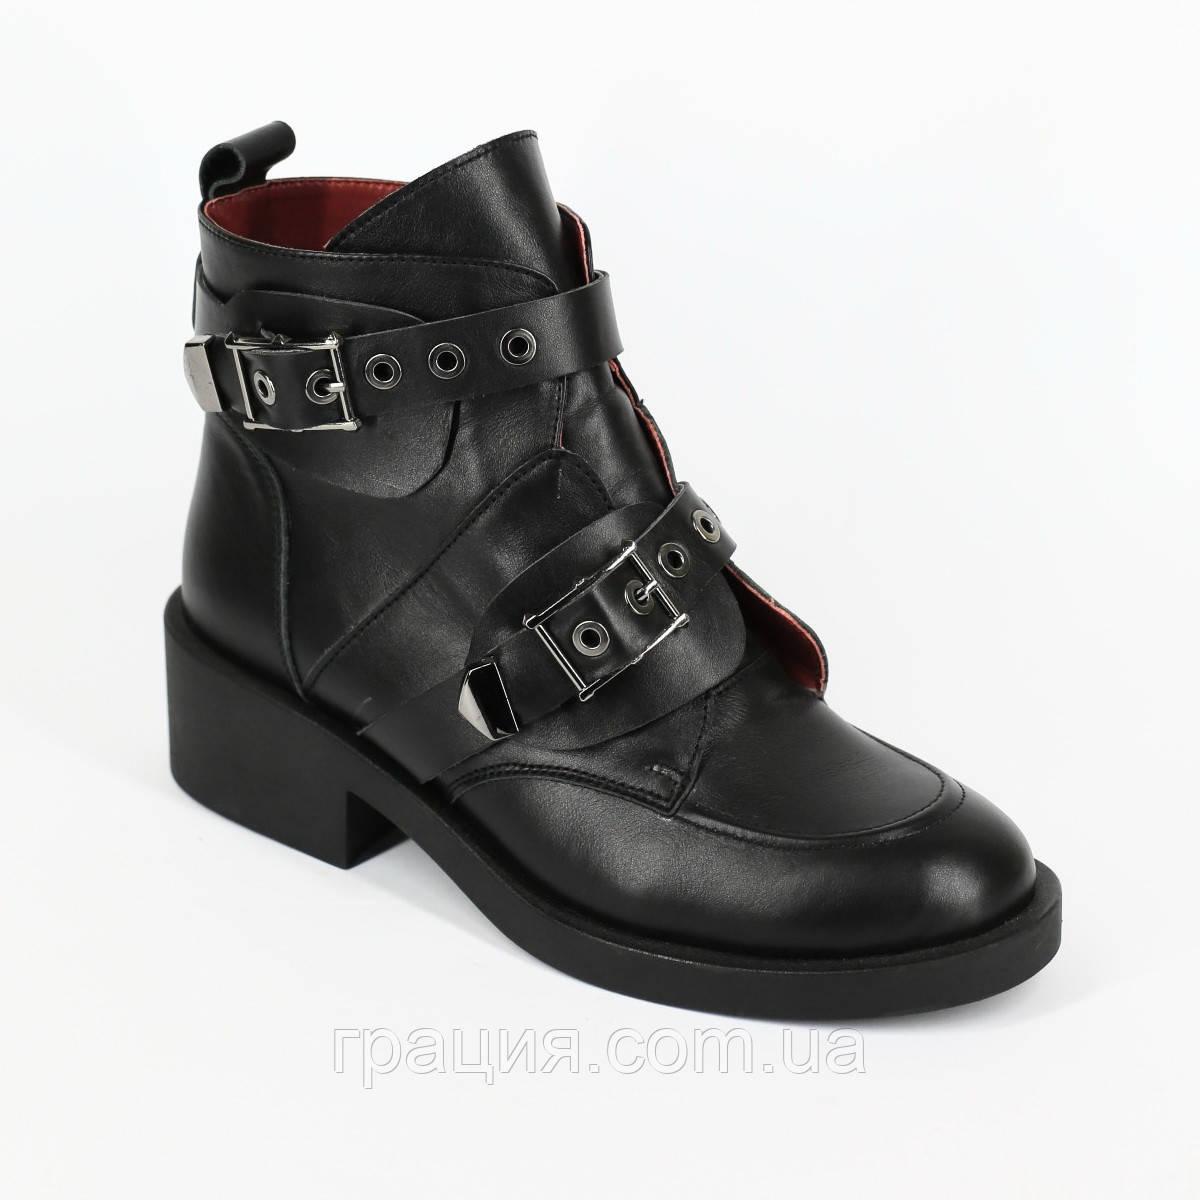 Стильные молодежные кожаные зимние ботинки с пряжками